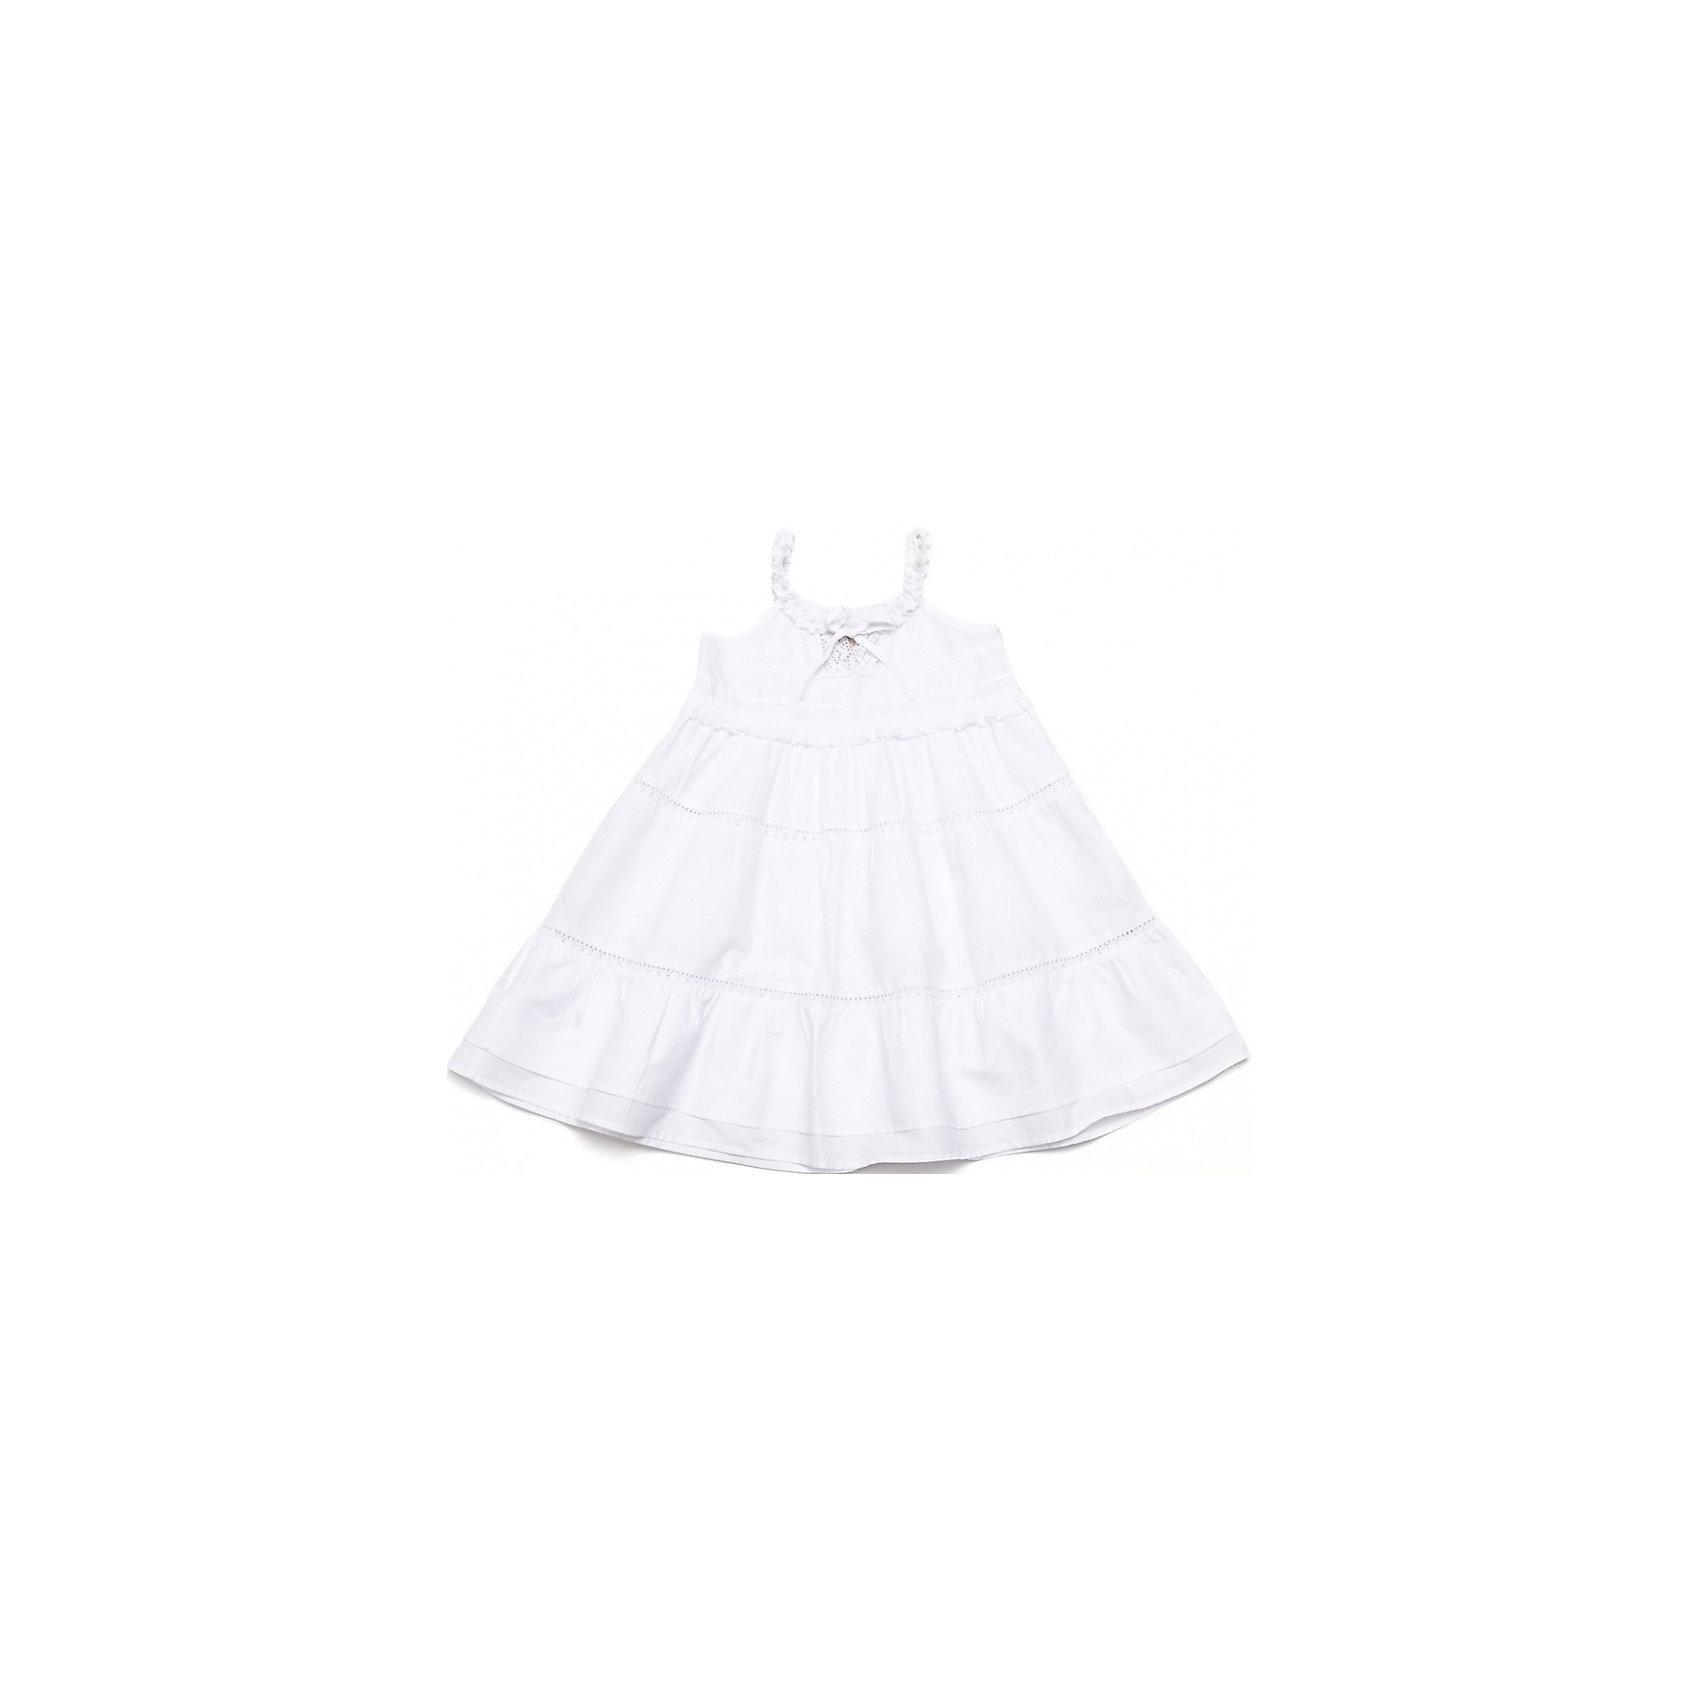 Платье PlayTodayЛетние платья и сарафаны<br>Мягкий сарафан из чистого хлопка. Легкий и нежный, как облачко. Украшен кружевами и отрезными кокетками, подол двойной. Сбоку застежка-молния. Состав: 100% хлопок<br><br>Ширина мм: 236<br>Глубина мм: 16<br>Высота мм: 184<br>Вес г: 177<br>Цвет: белый<br>Возраст от месяцев: 48<br>Возраст до месяцев: 60<br>Пол: Женский<br>Возраст: Детский<br>Размер: 110,98,128,122,104,116<br>SKU: 4652381